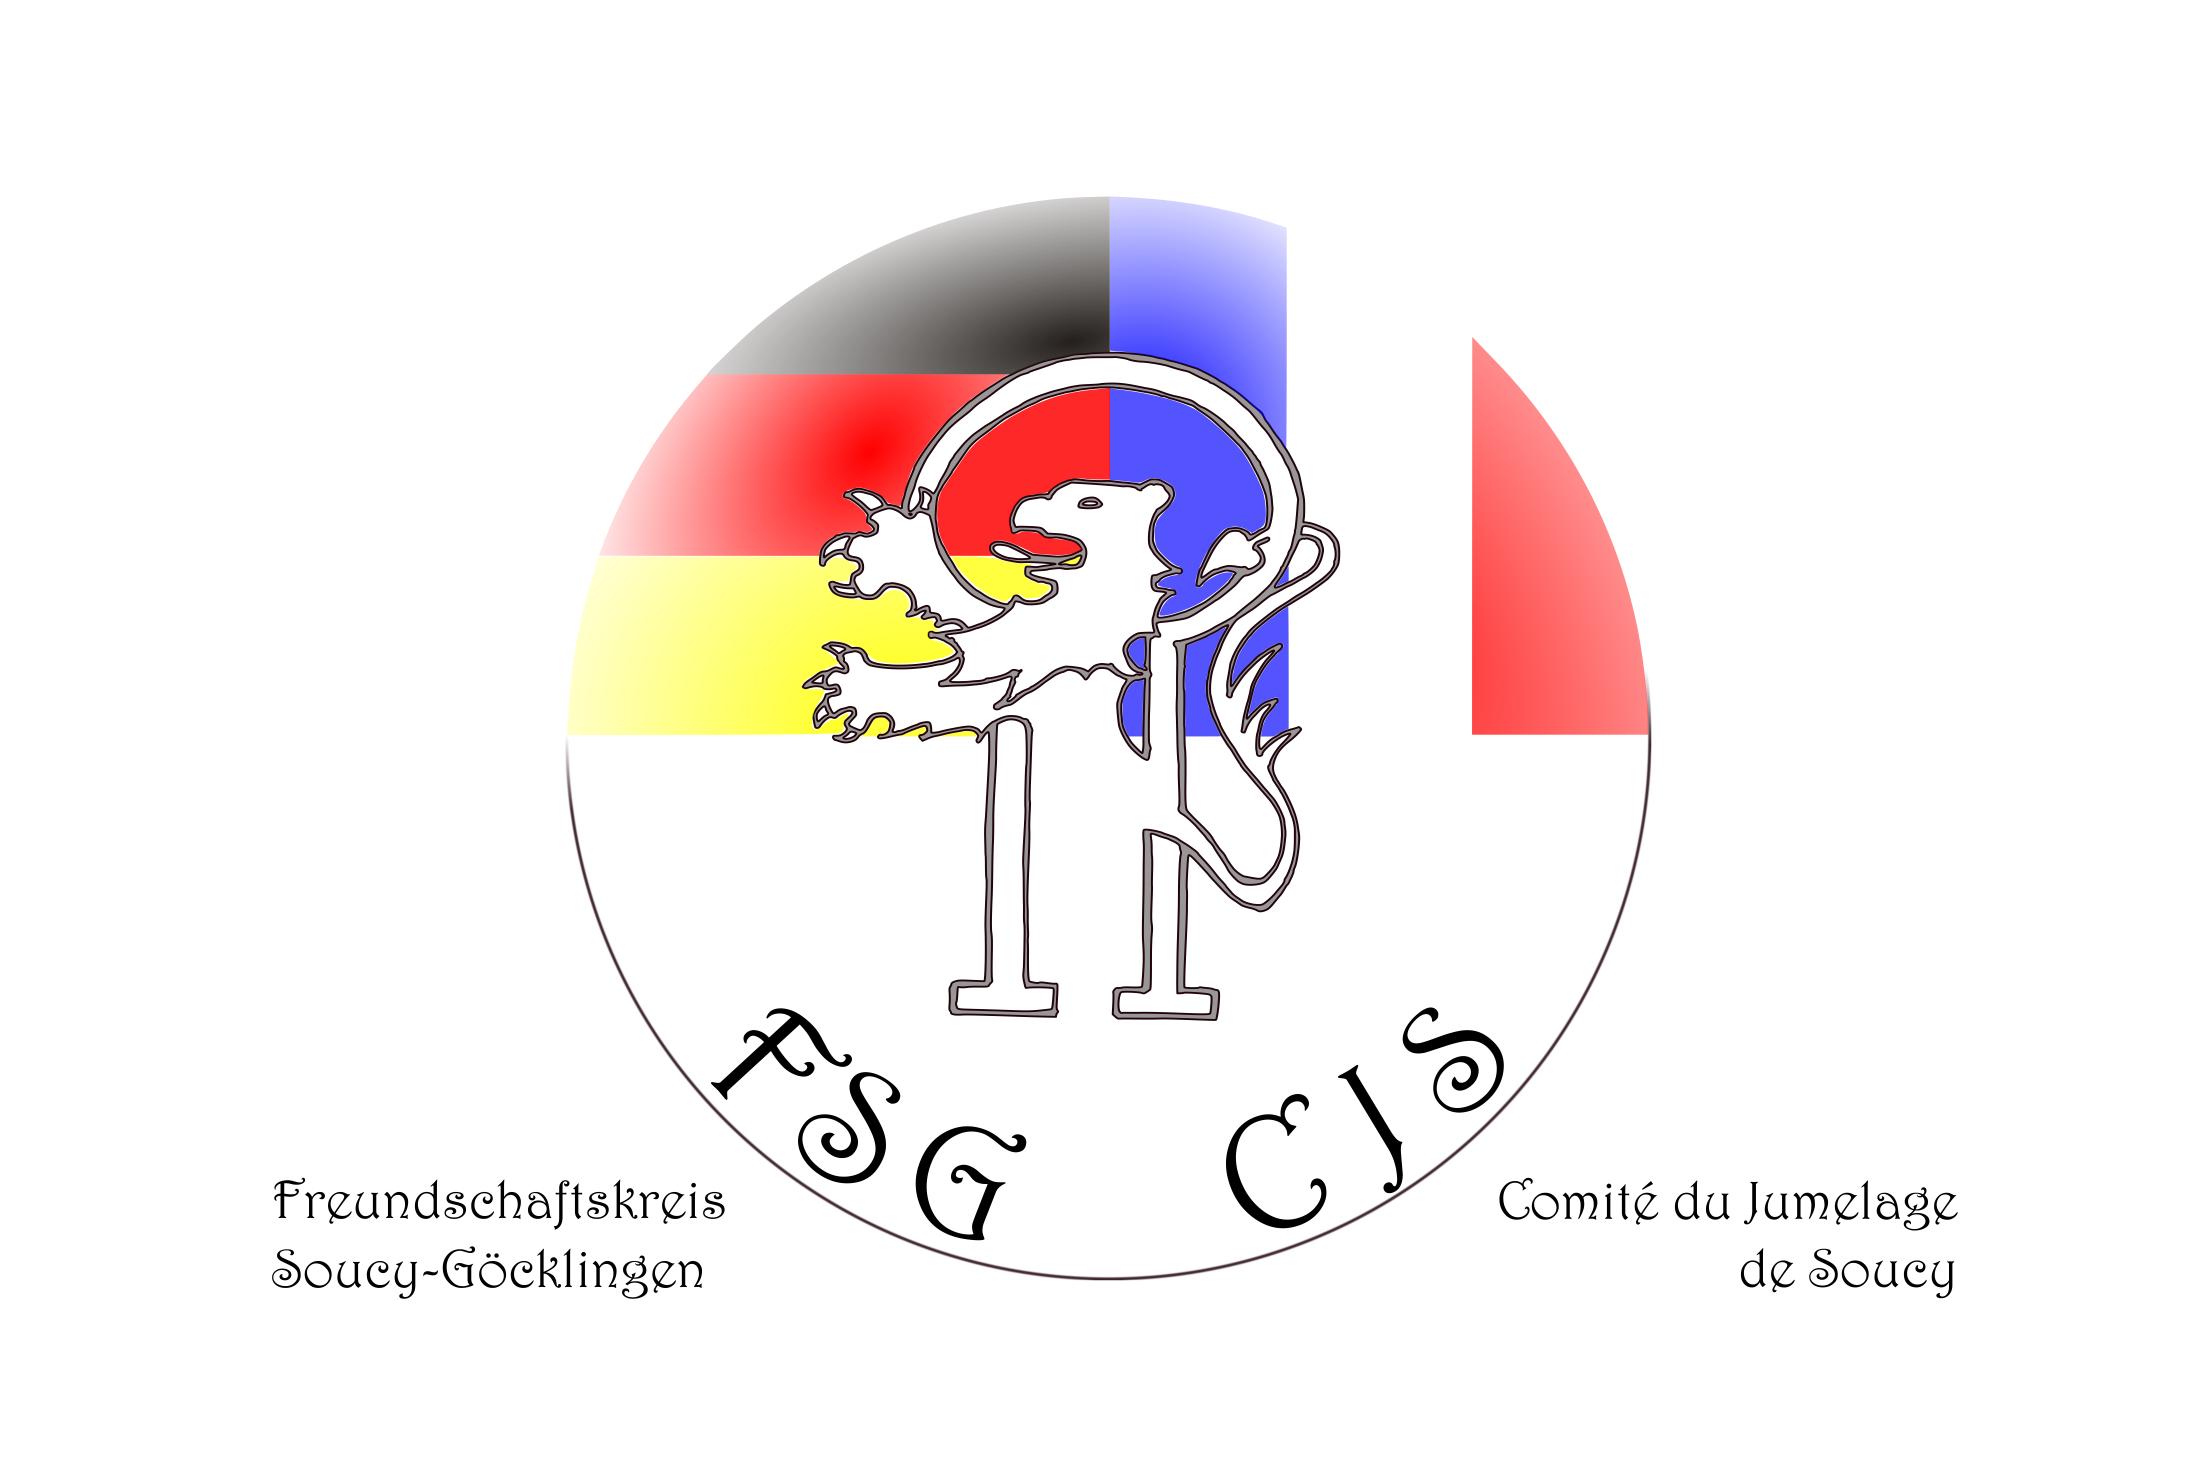 Soucy Göcklingen Freunschaftskreis